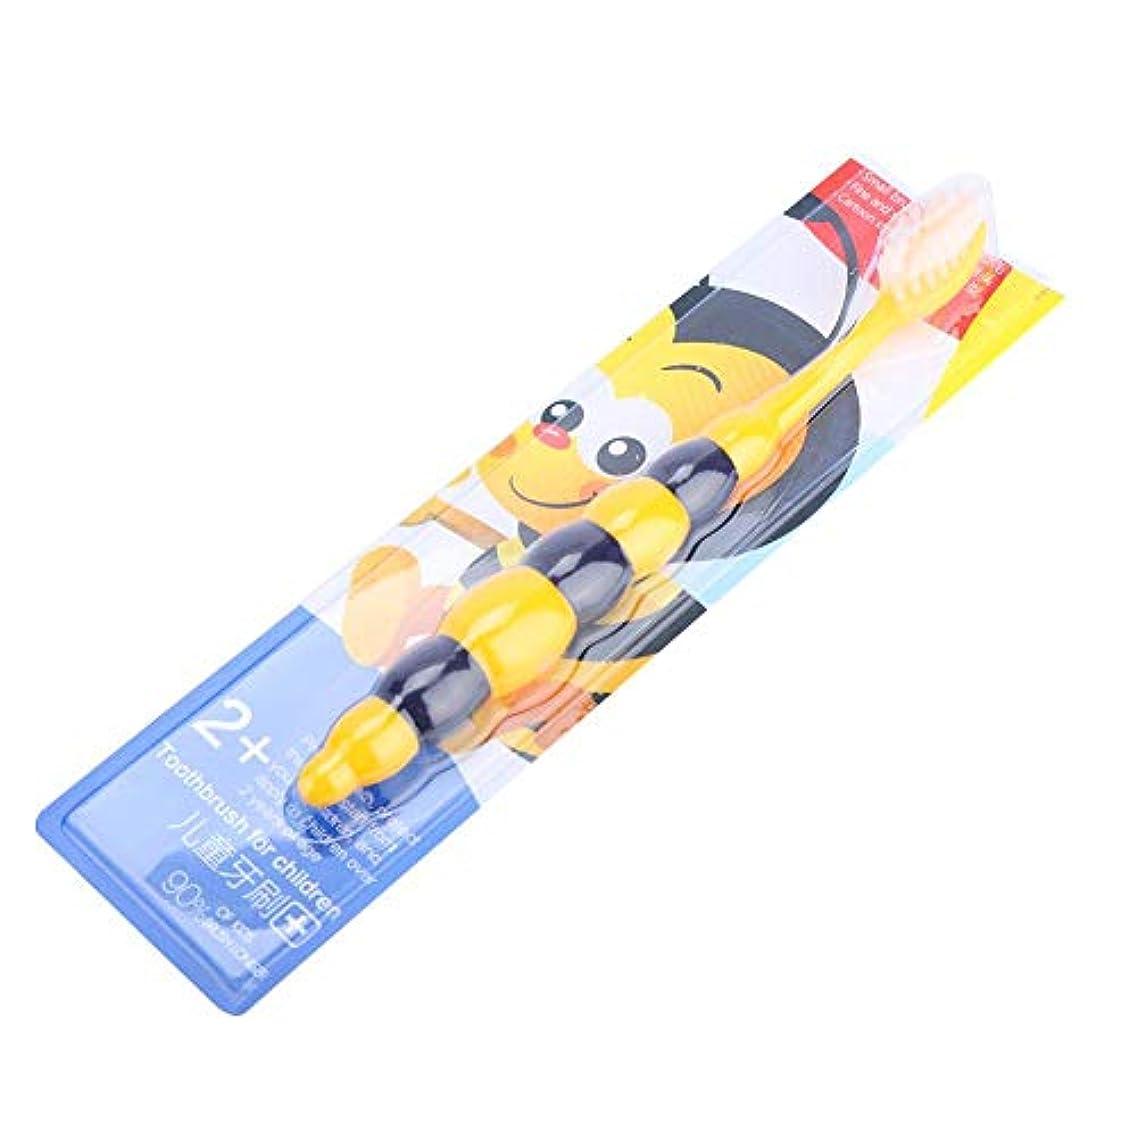 漏斗豊富にシャベル歯ブラシの子供の柔らかい毛のかわいい口頭心配用具